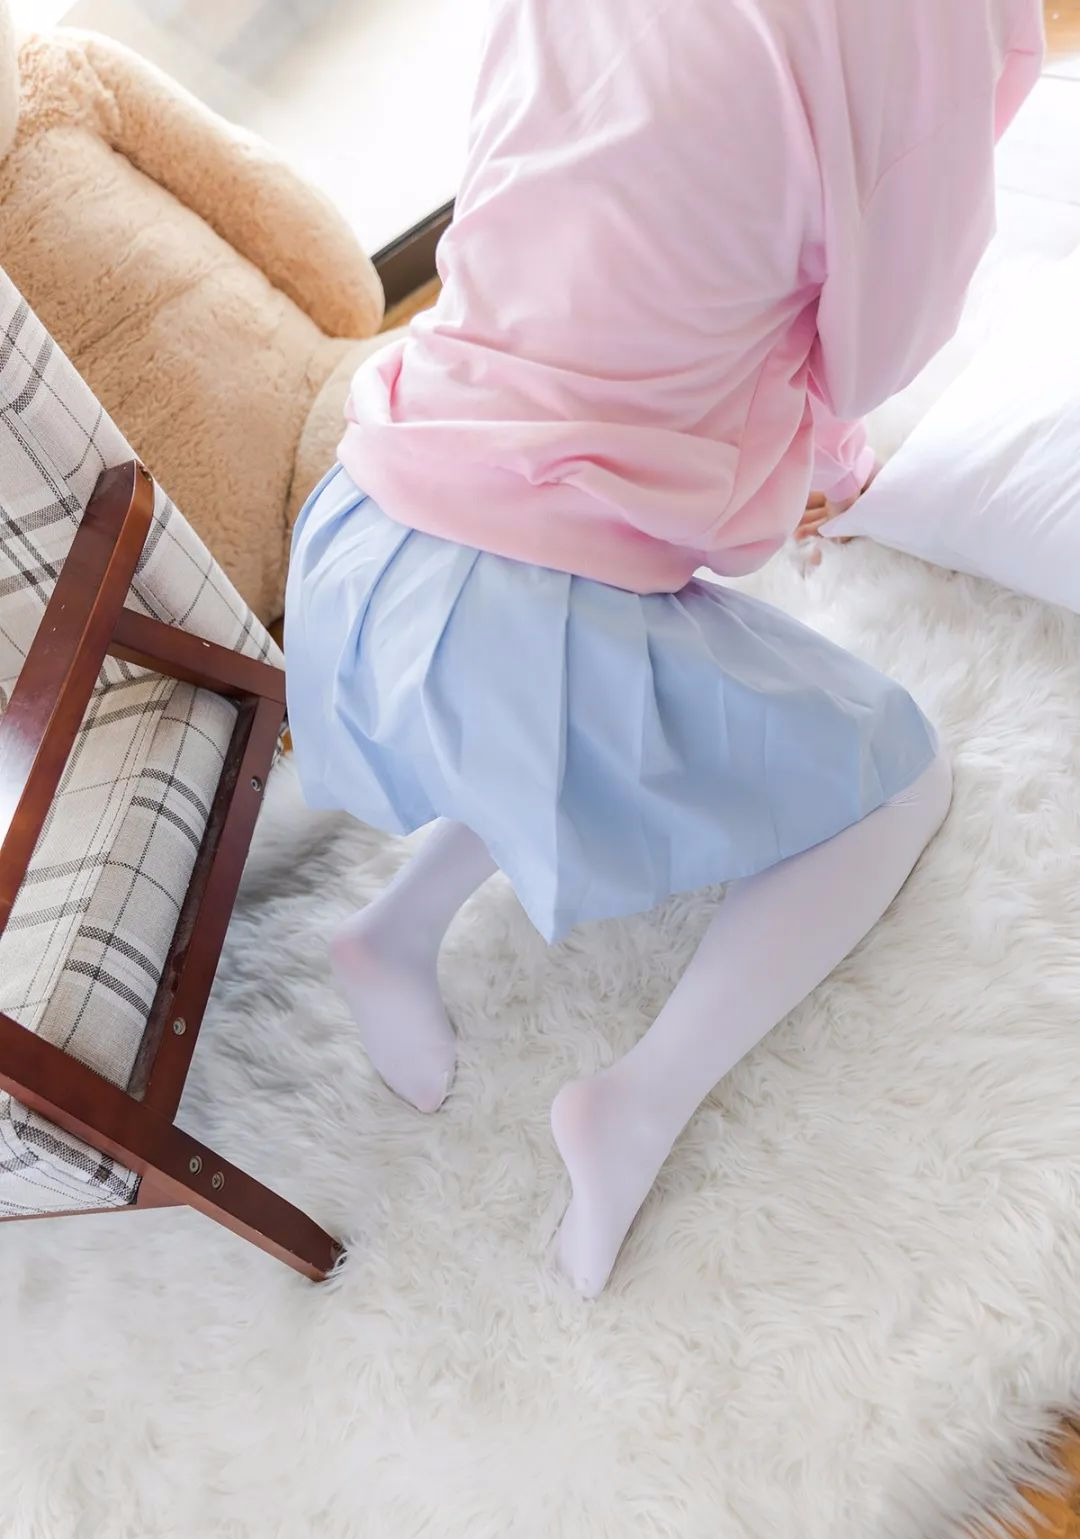 妹子摄影 – 双马尾粉色卫衣 白丝袜小短裙迷你少女_图片 No.8